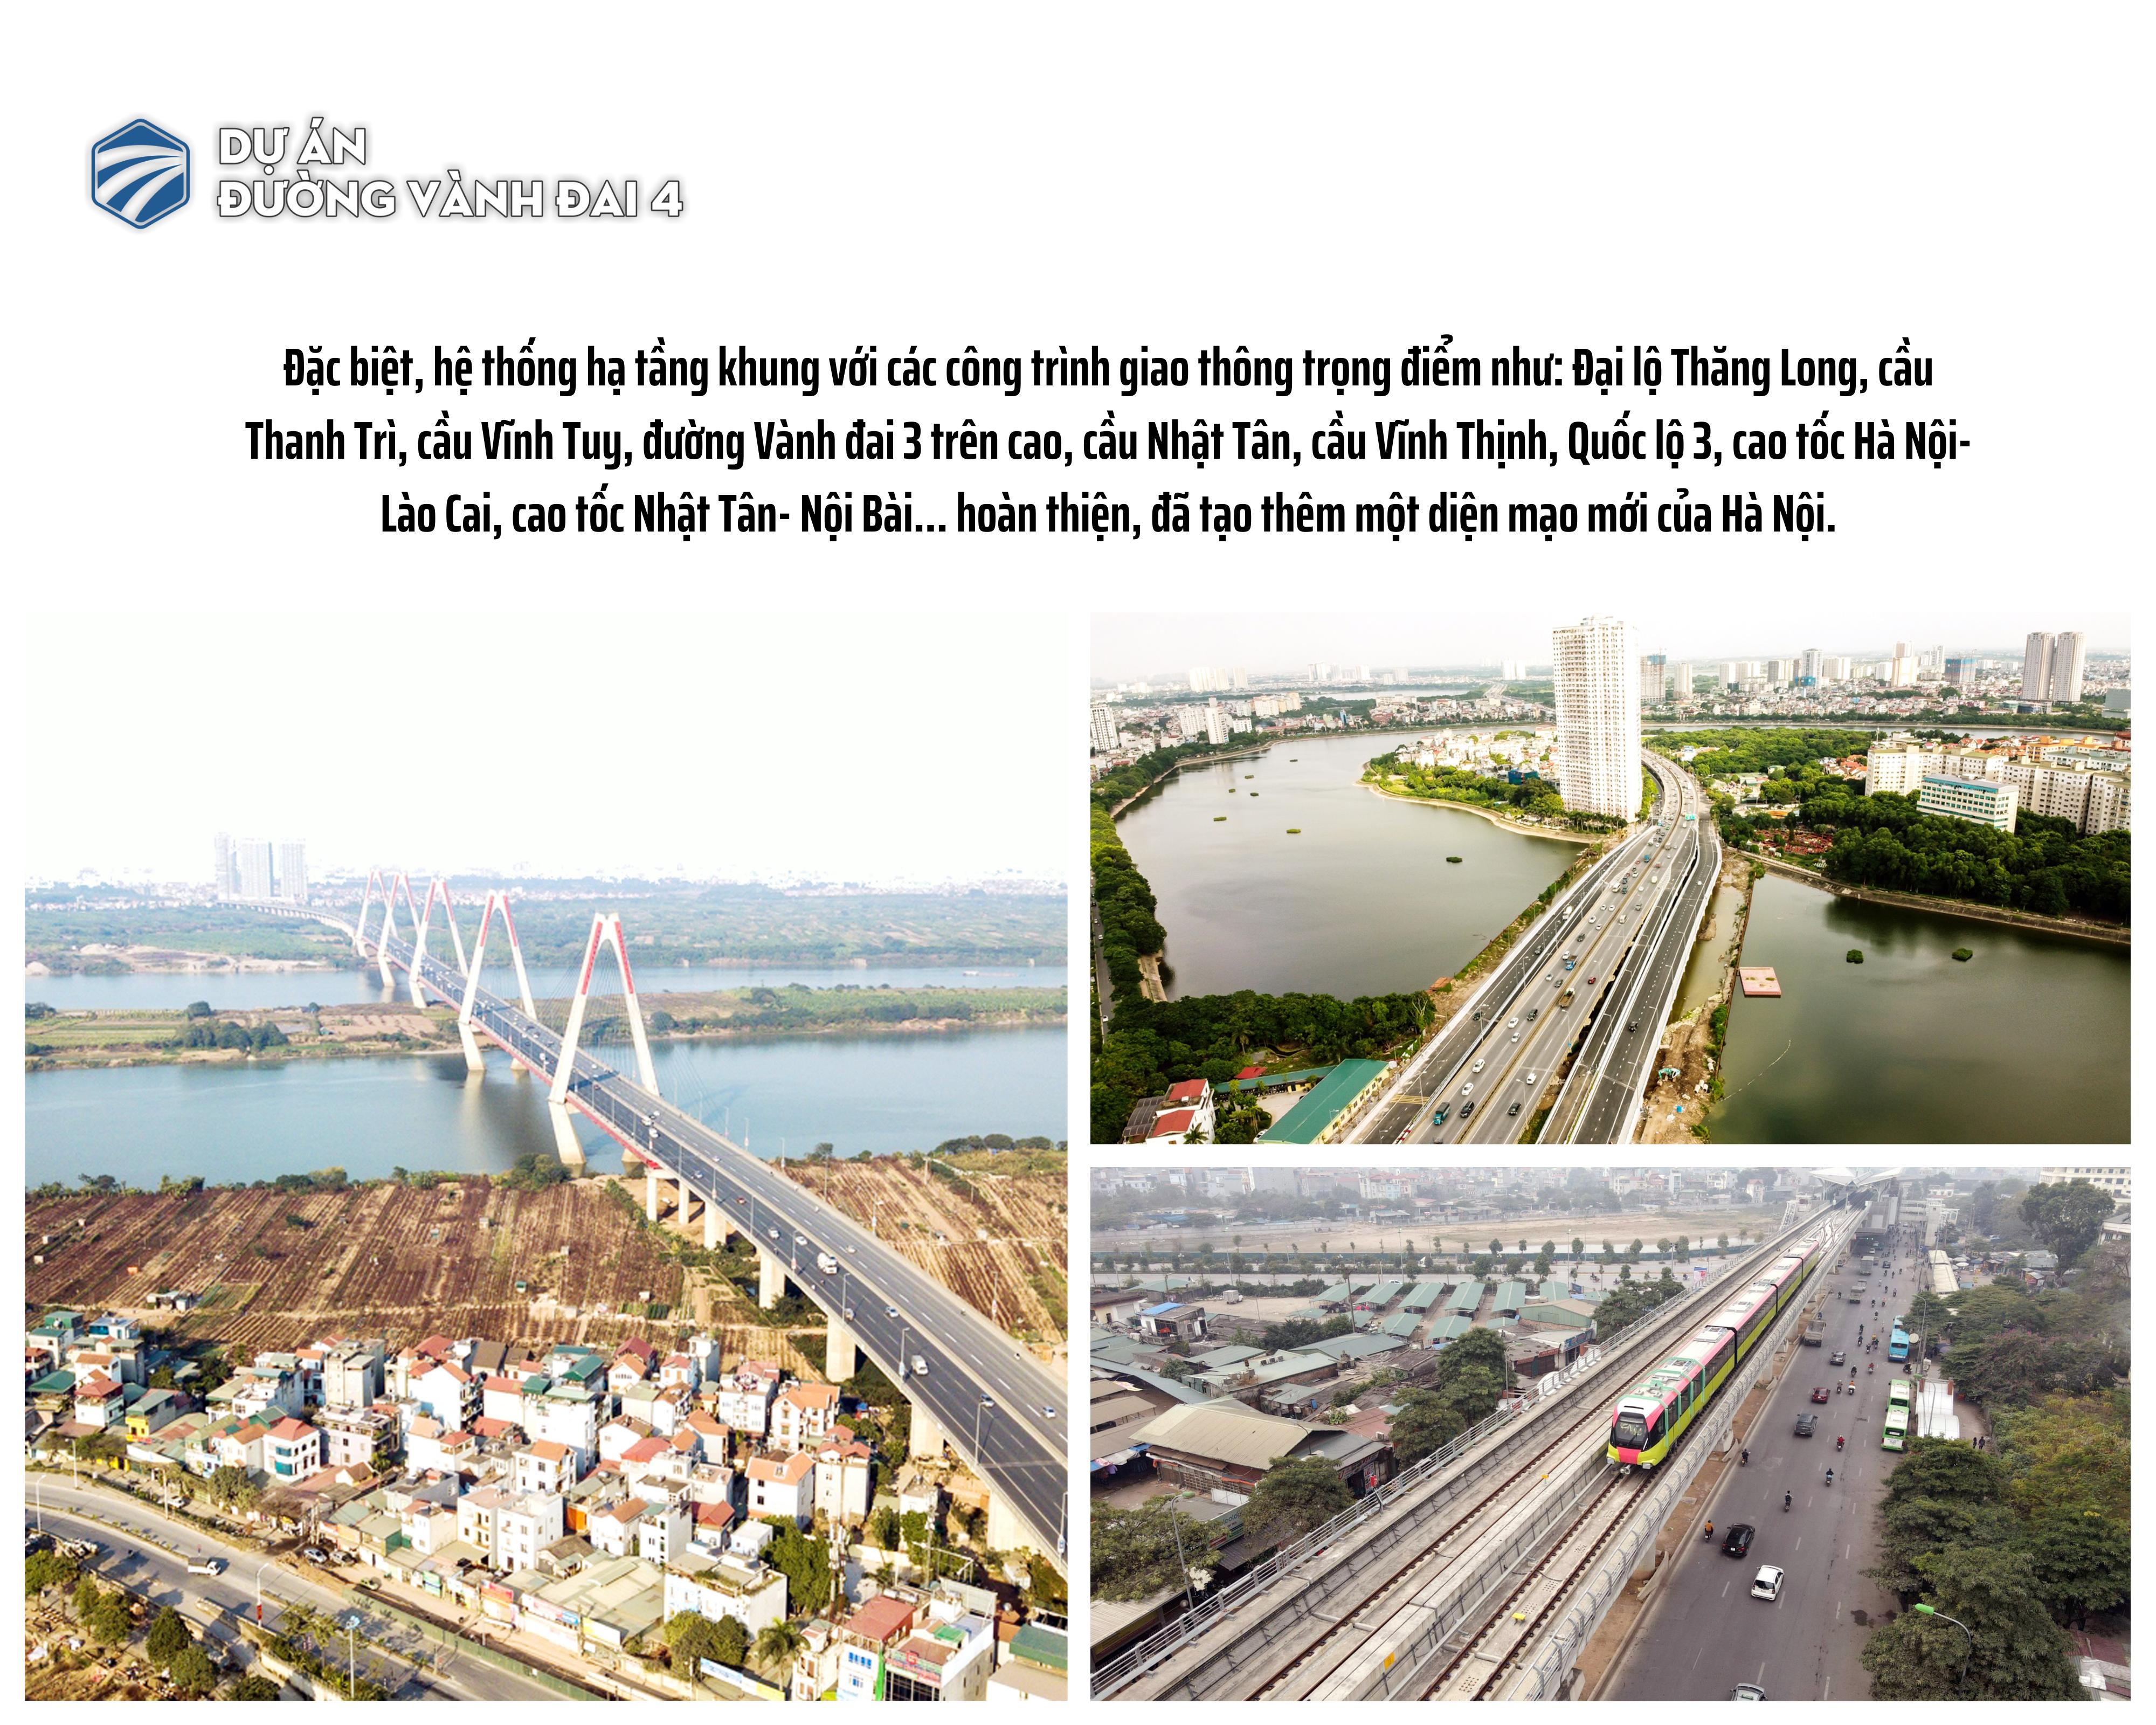 Bài 3: Động lực để Thủ đô phát triển xứng tầm